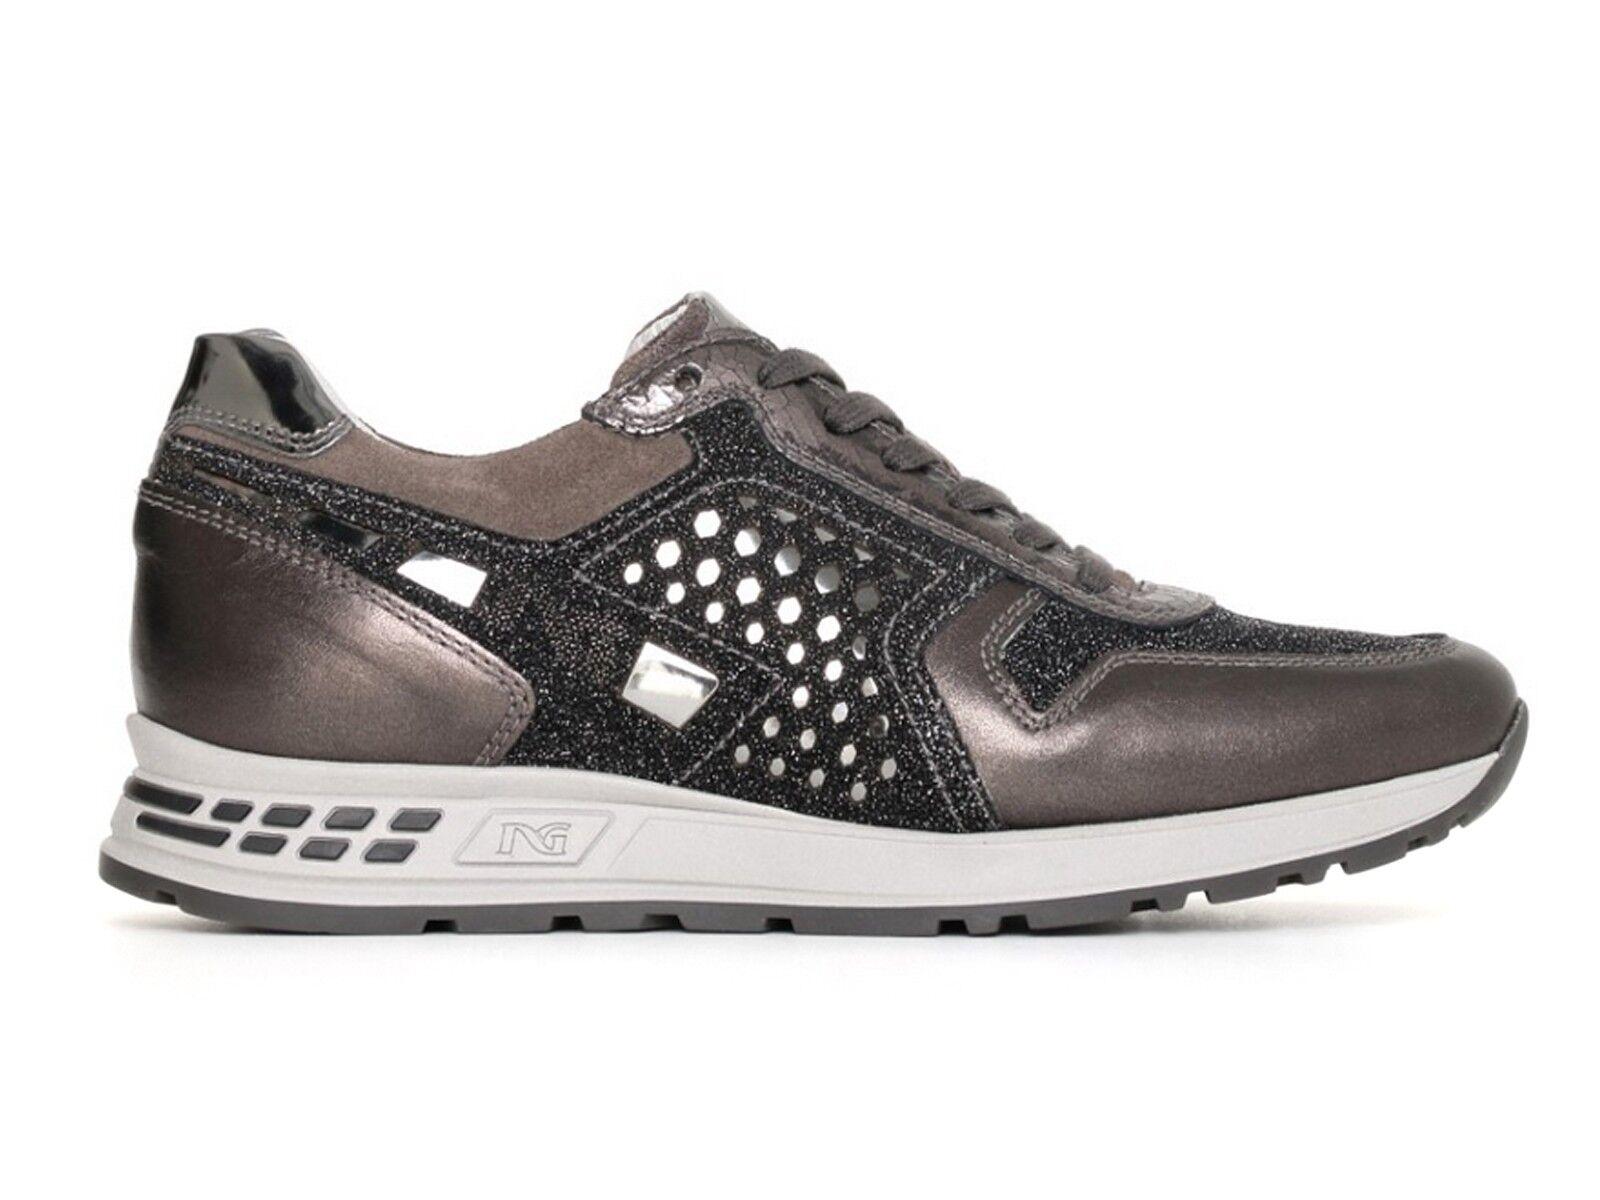 zapatos mujer negro GIARDINI GIARDINI negro INVERNO A719470D 101  zapatillas ANTRACITE 06dbee